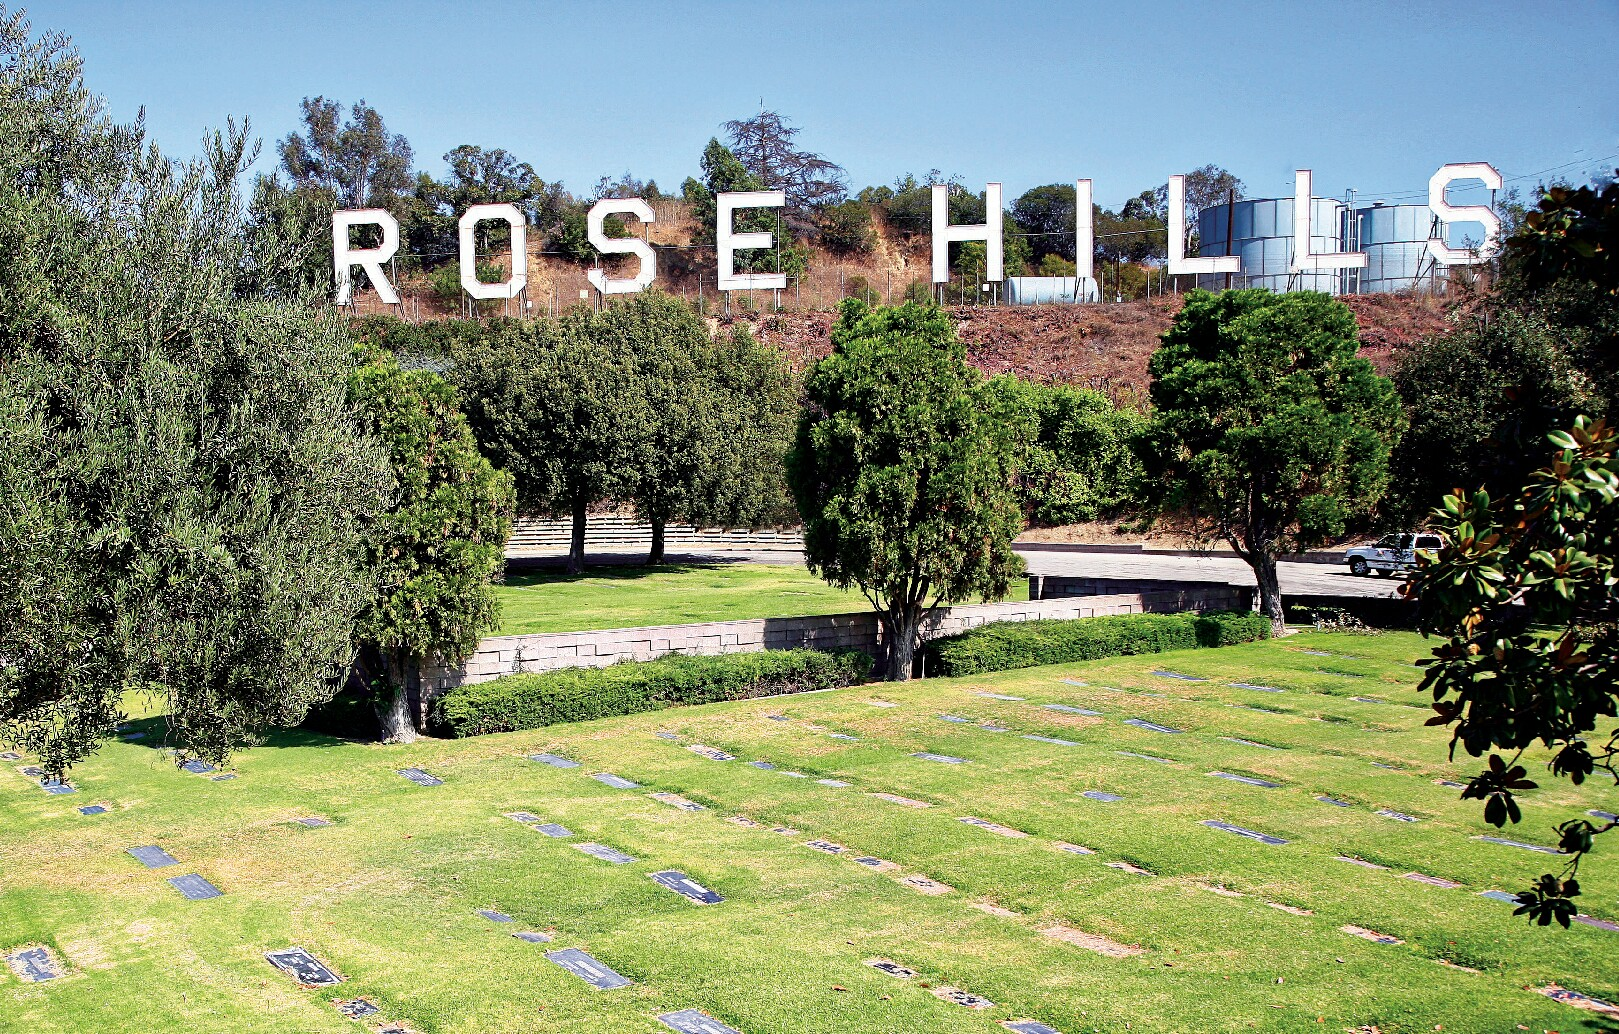 Rose Hills Sign LR.jpg